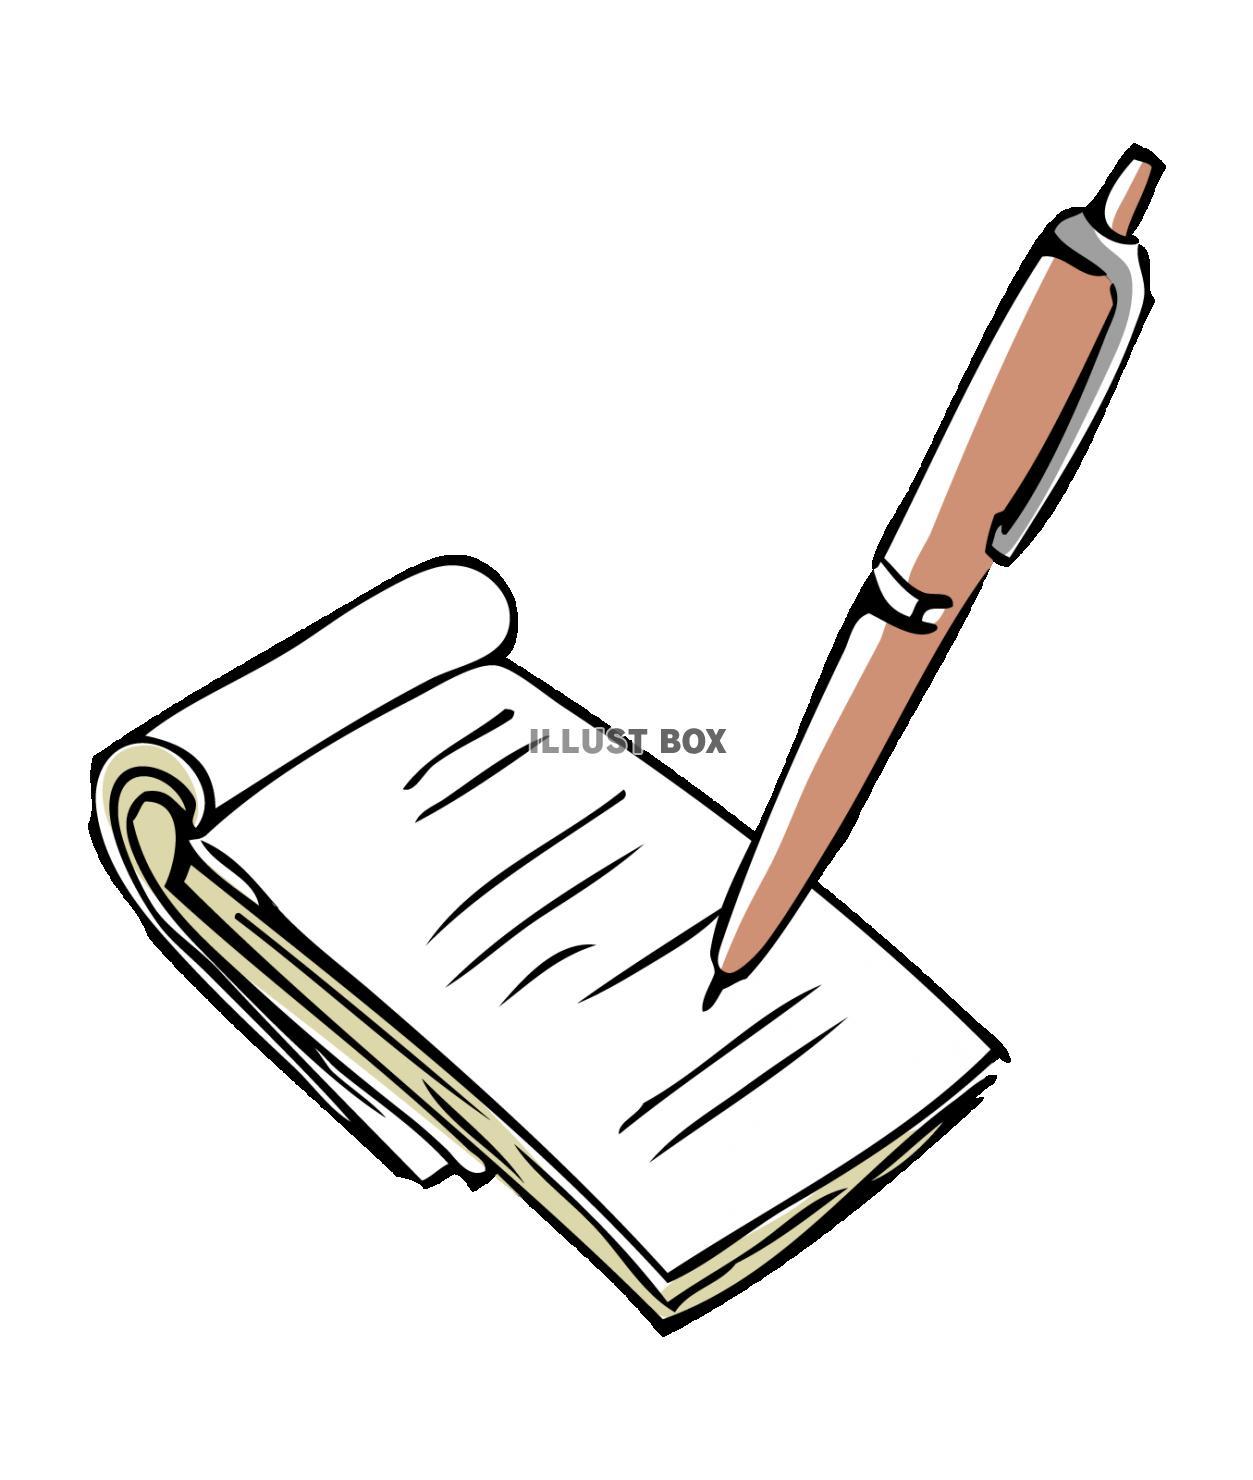 無料イラスト ペンとメモとボールペンとメモ帳メモに取る書く聞き取り